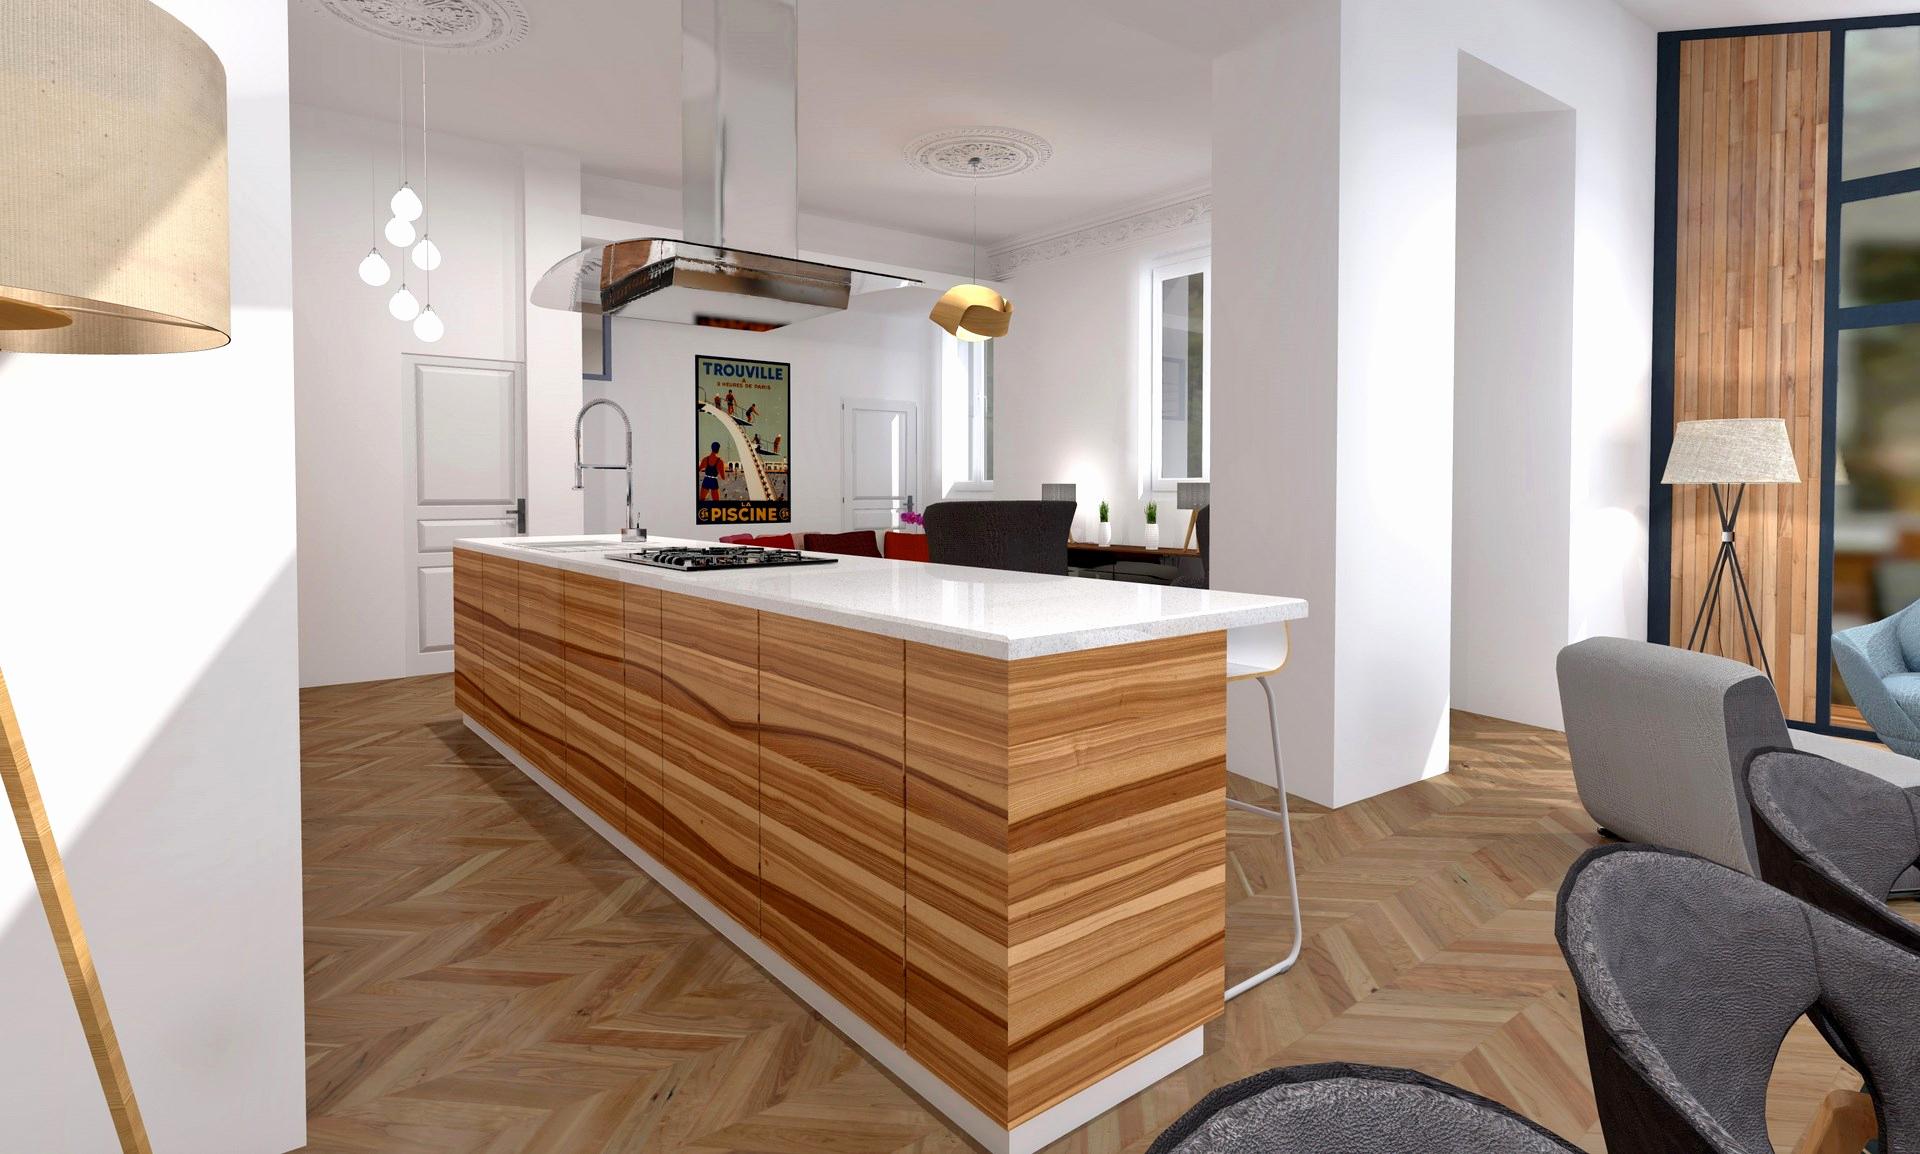 Fabriquer Un Ilot Central Table Inspirant Image Fabriquer Cuisine En Bois Beau Fabriquer Ilot Central Avec Table